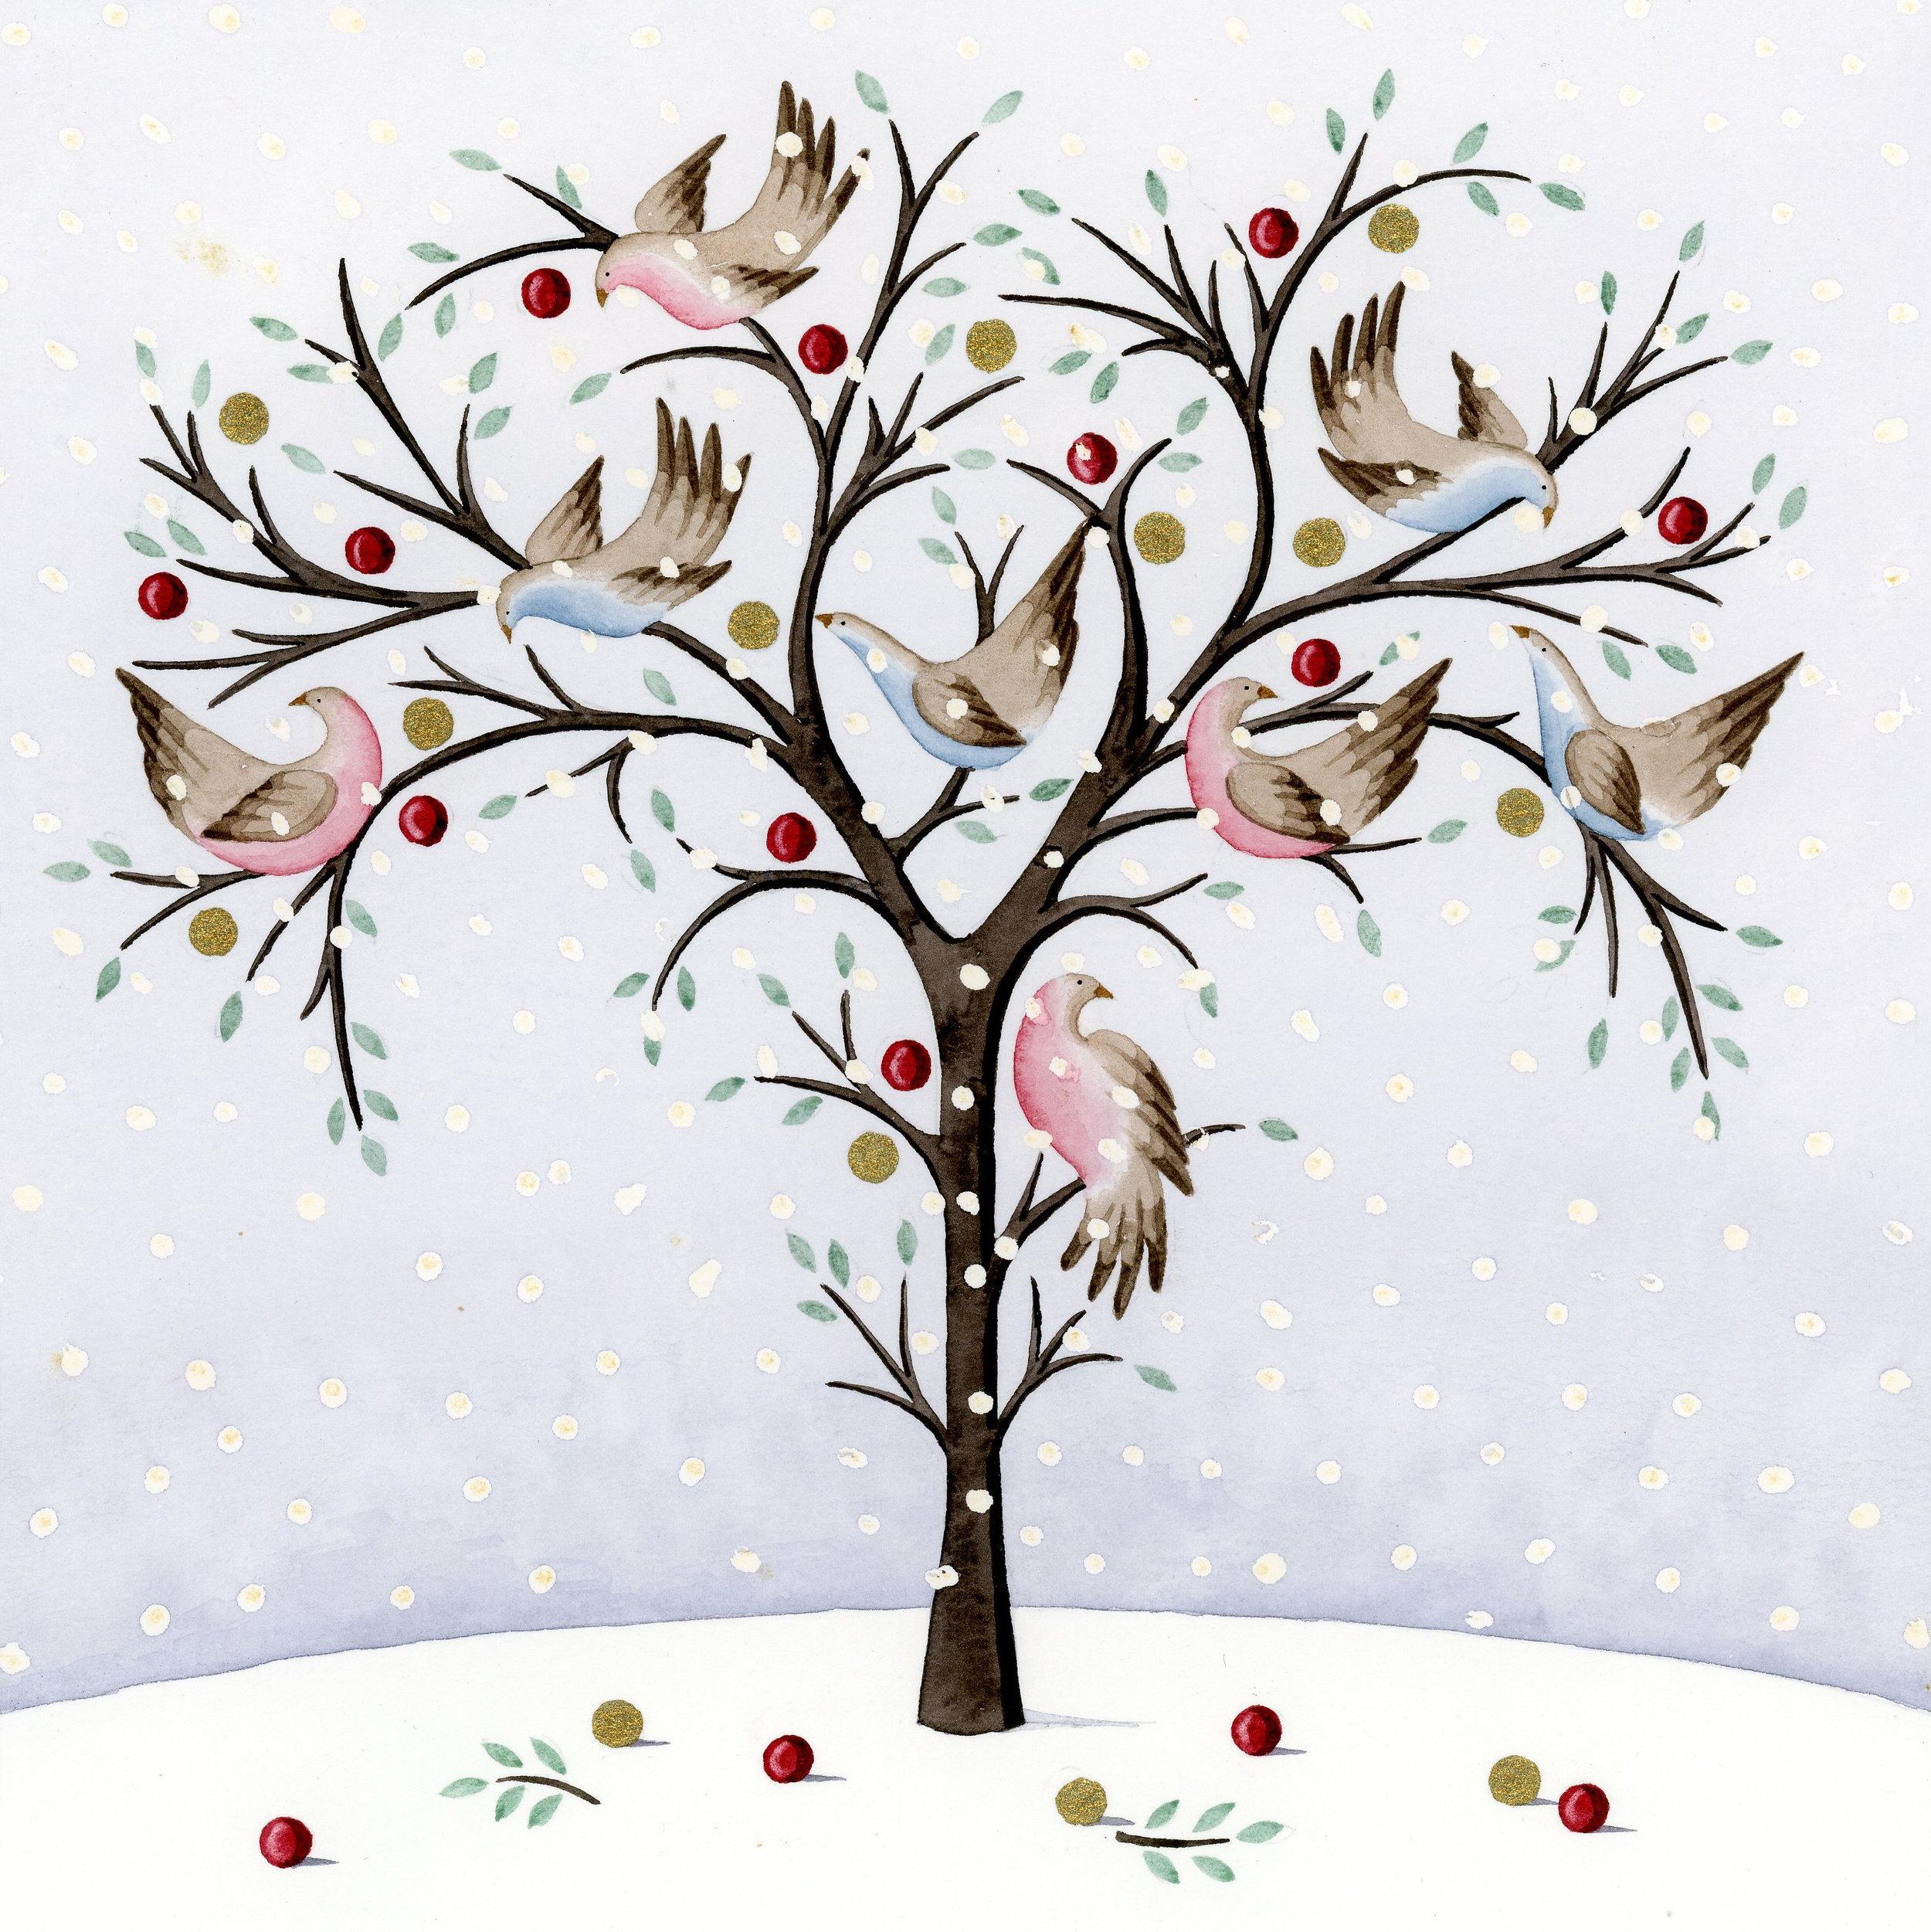 Tree of Doves